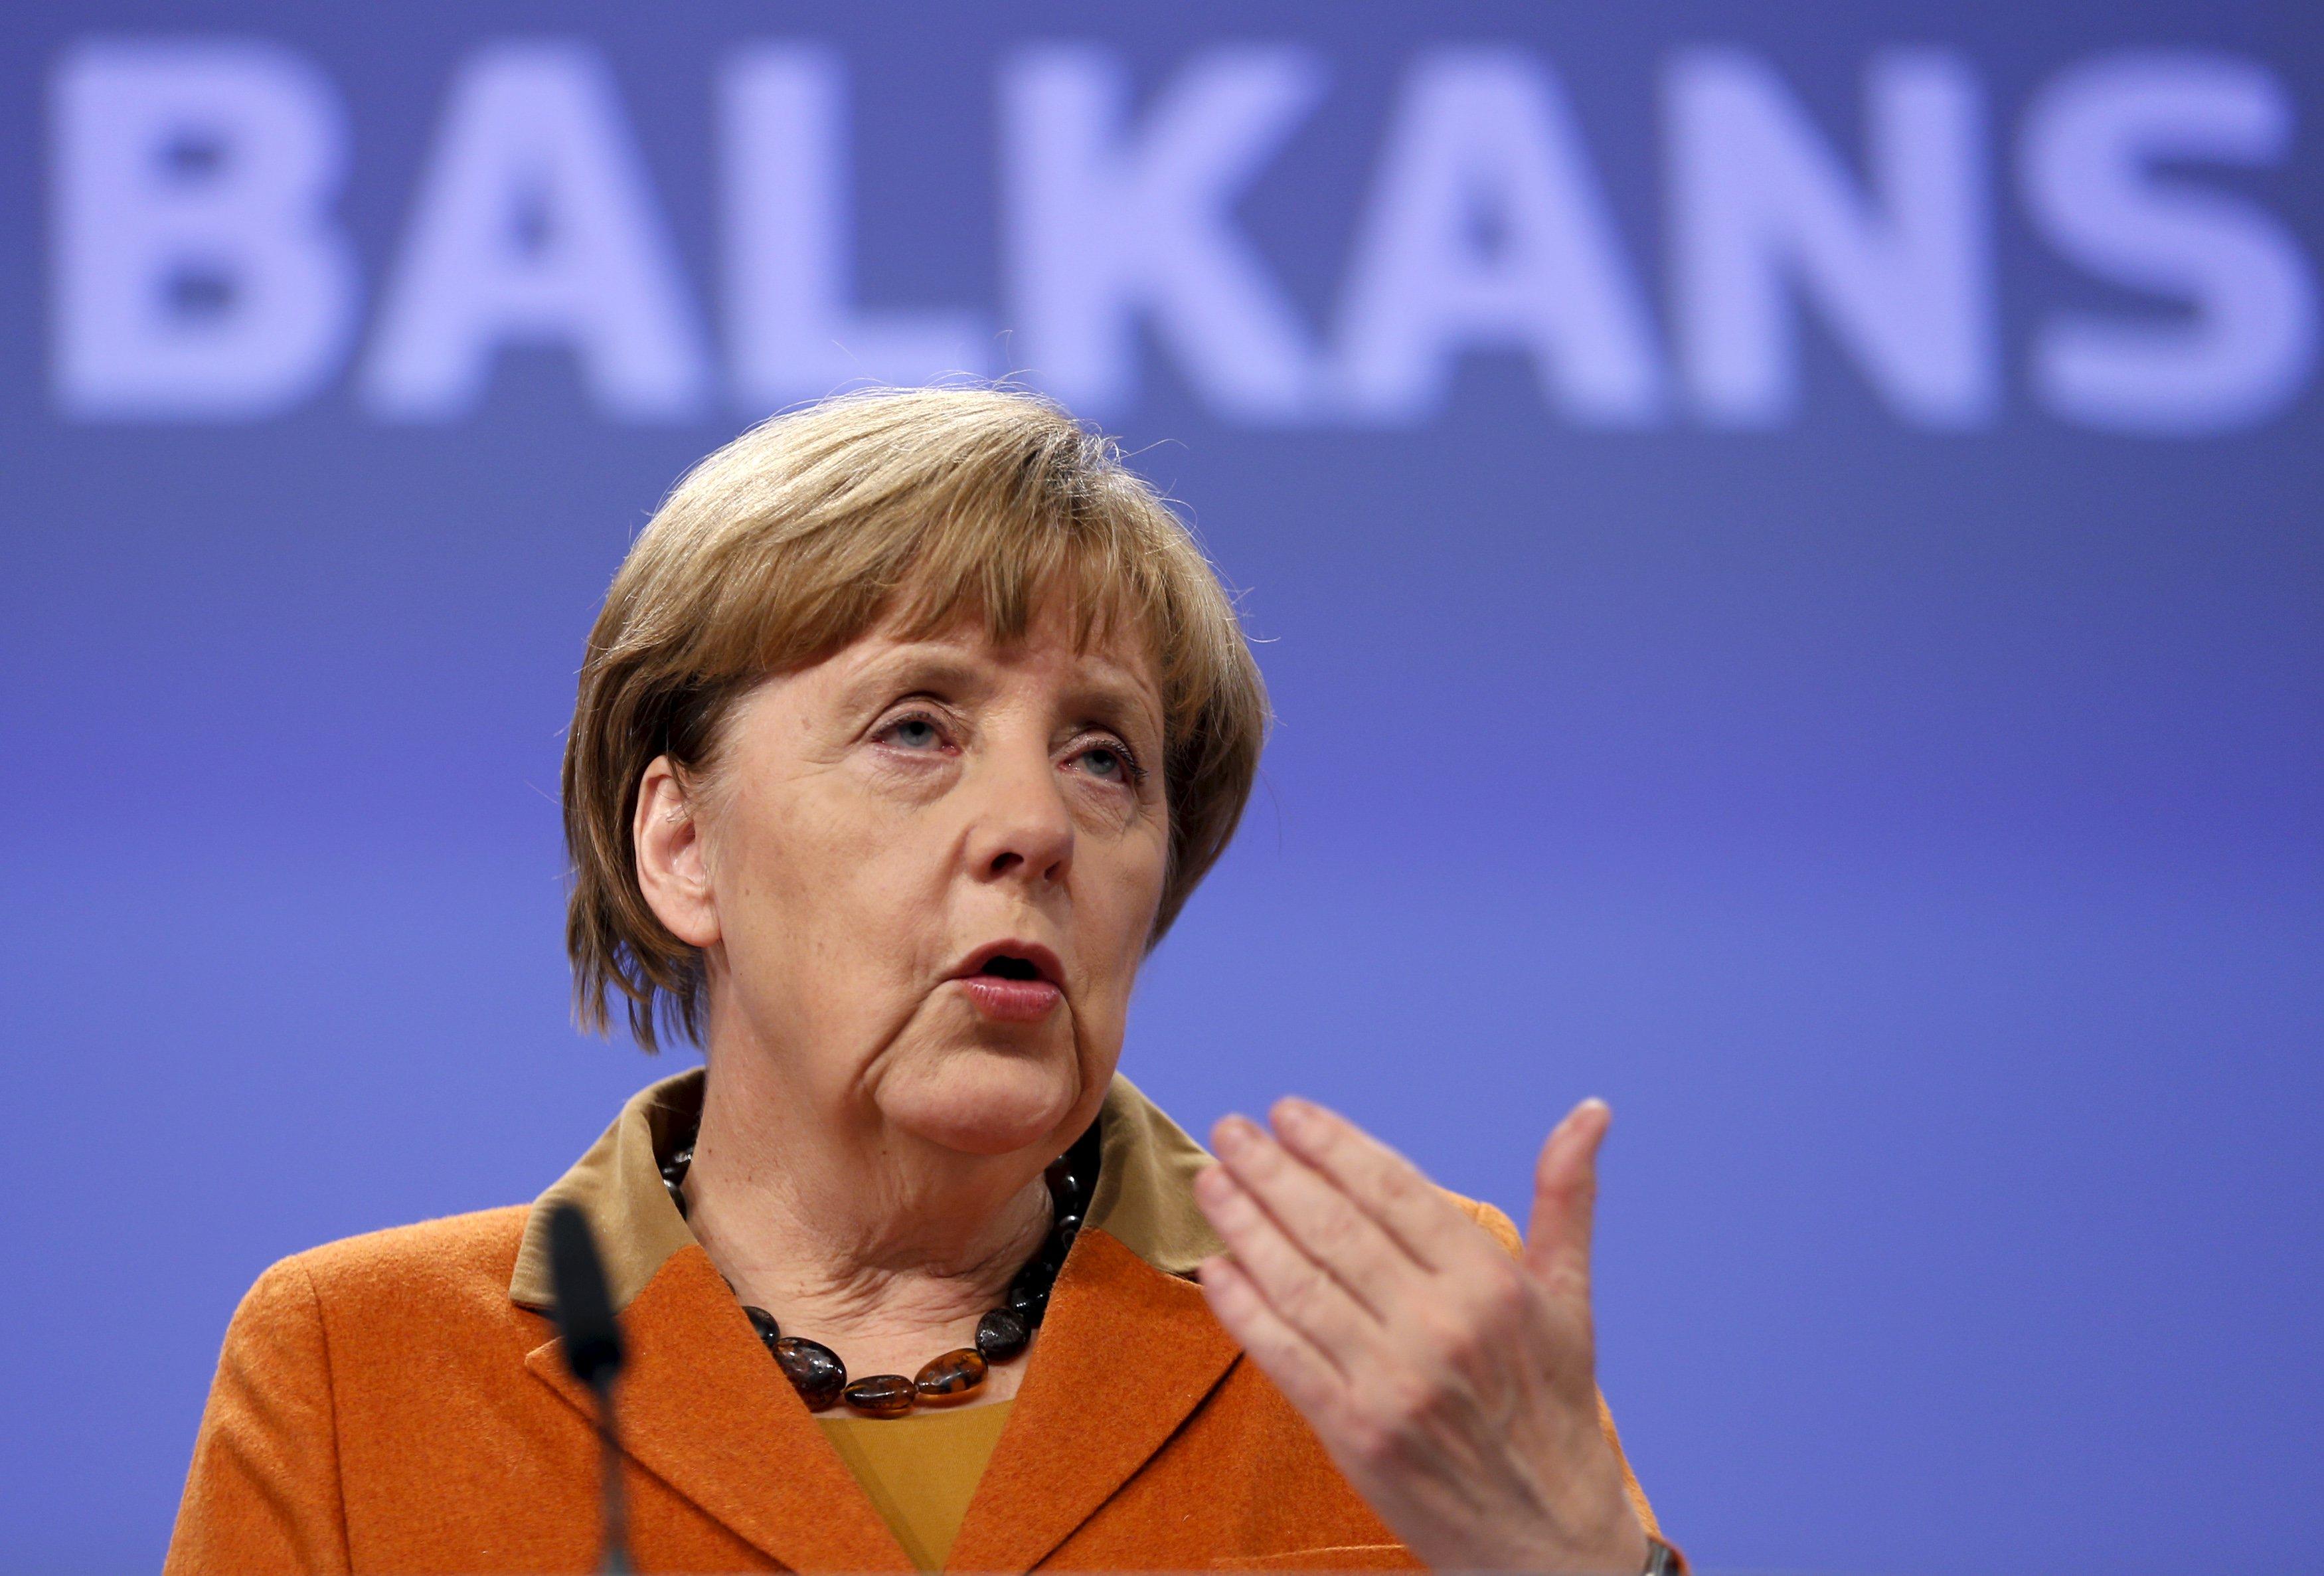 Kanselir Jerman Angela Merkel memberikan konferesi pers setelah pertemuan yang membahas krisis pengungsi Balkan dengan para pemimpin dari Eropa Tengah dan Eropa Timur di markas Komisi Uni Eropa di Brussels, Belgia, Senin (26/10). REUTERS/Francois Lenoir.